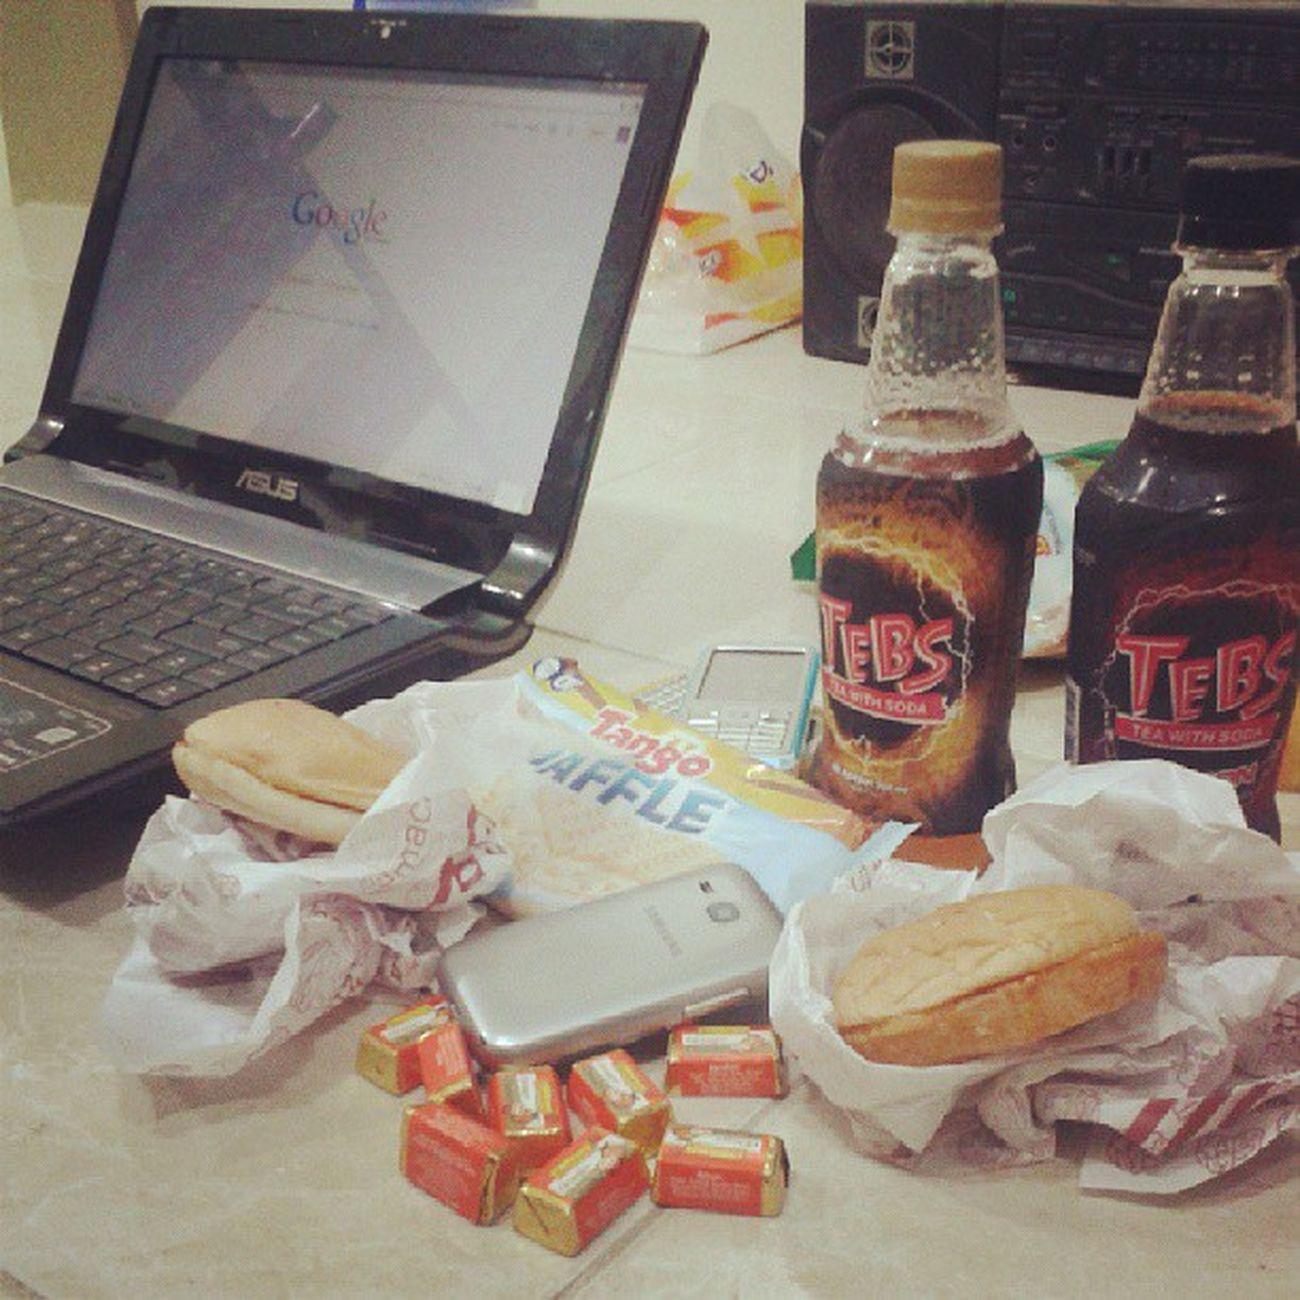 MalmingTugas Panganan Tebs Burger coklatjokran